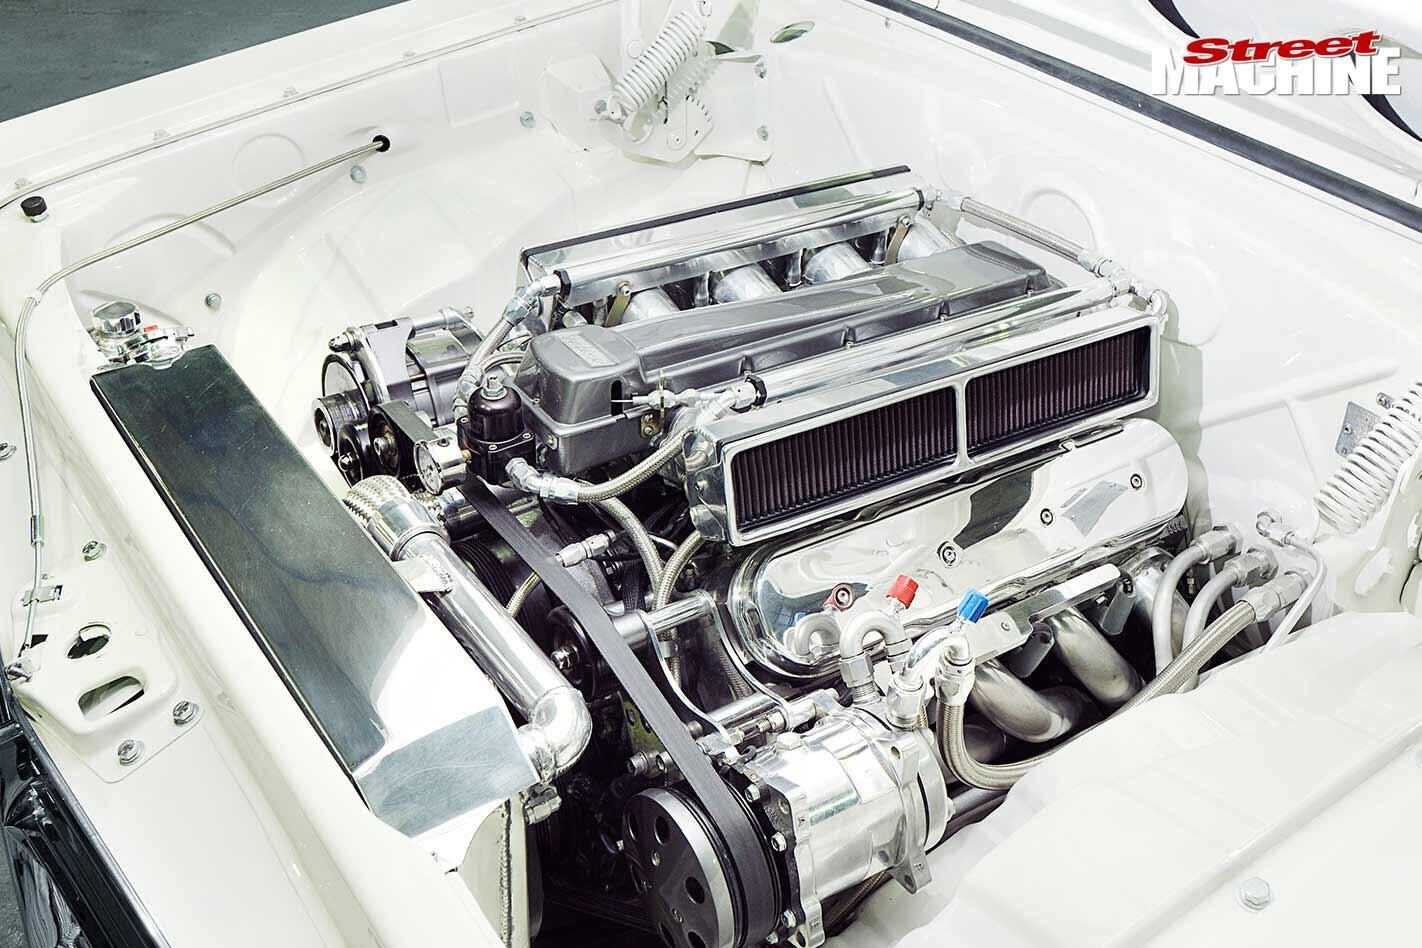 Holden HR engine bay